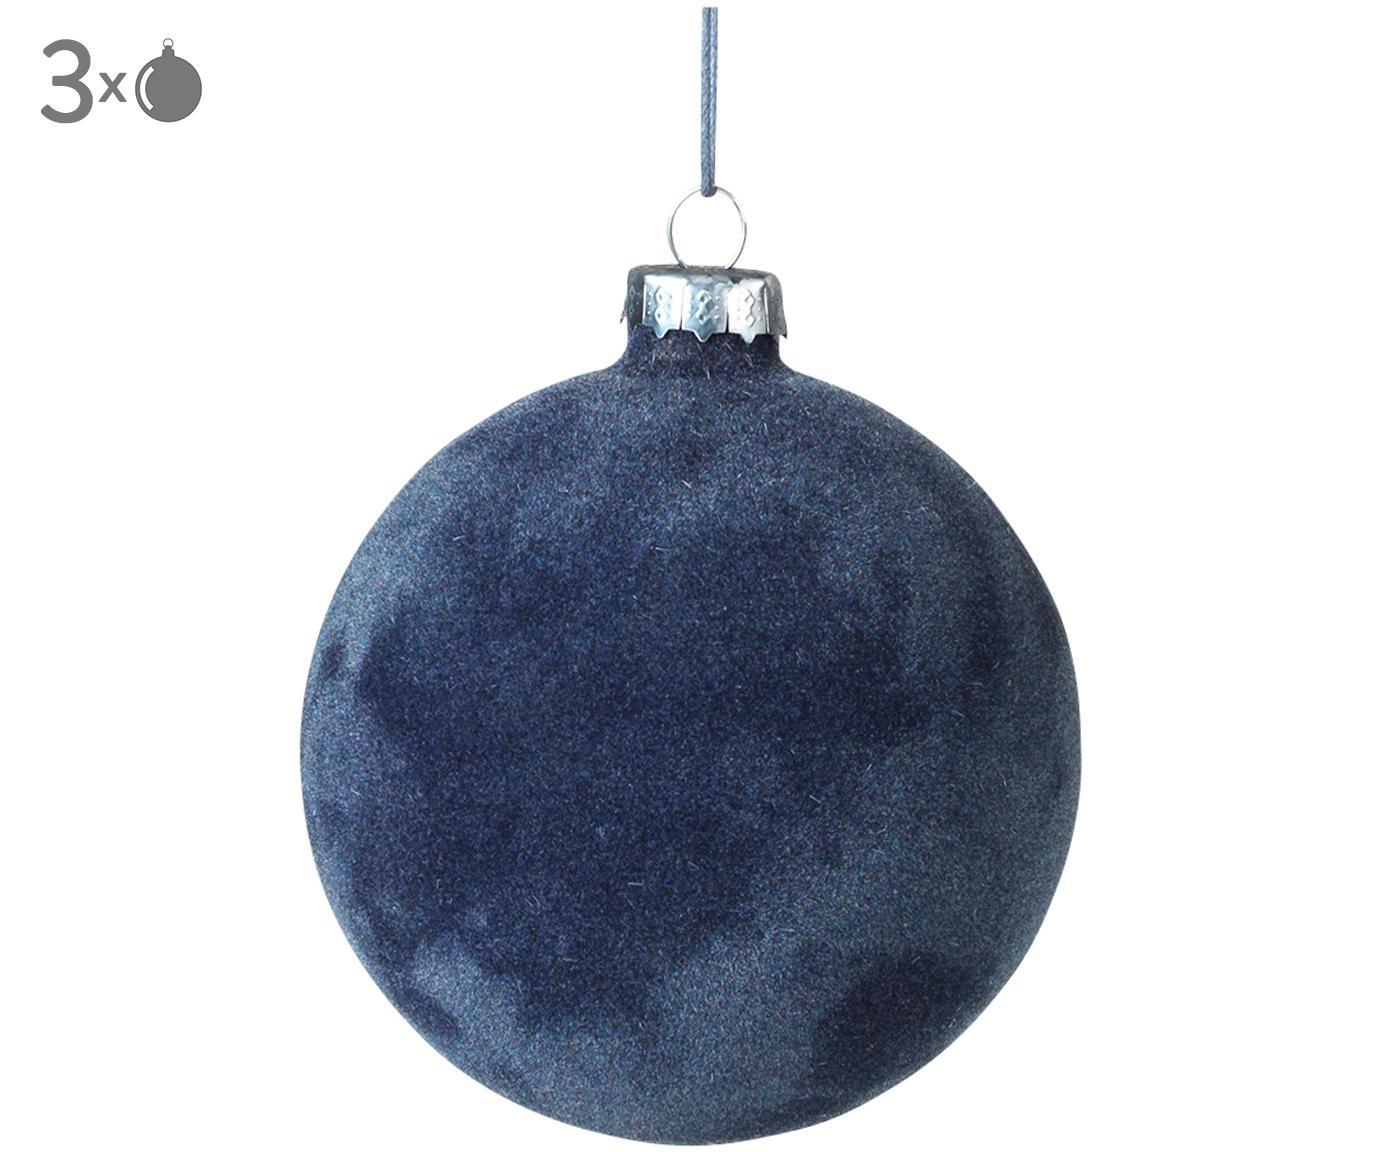 Kerstballen Alcan, 3 stuks, Glas, polyesterfluweel, Donkerblauw, Ø 10 cm